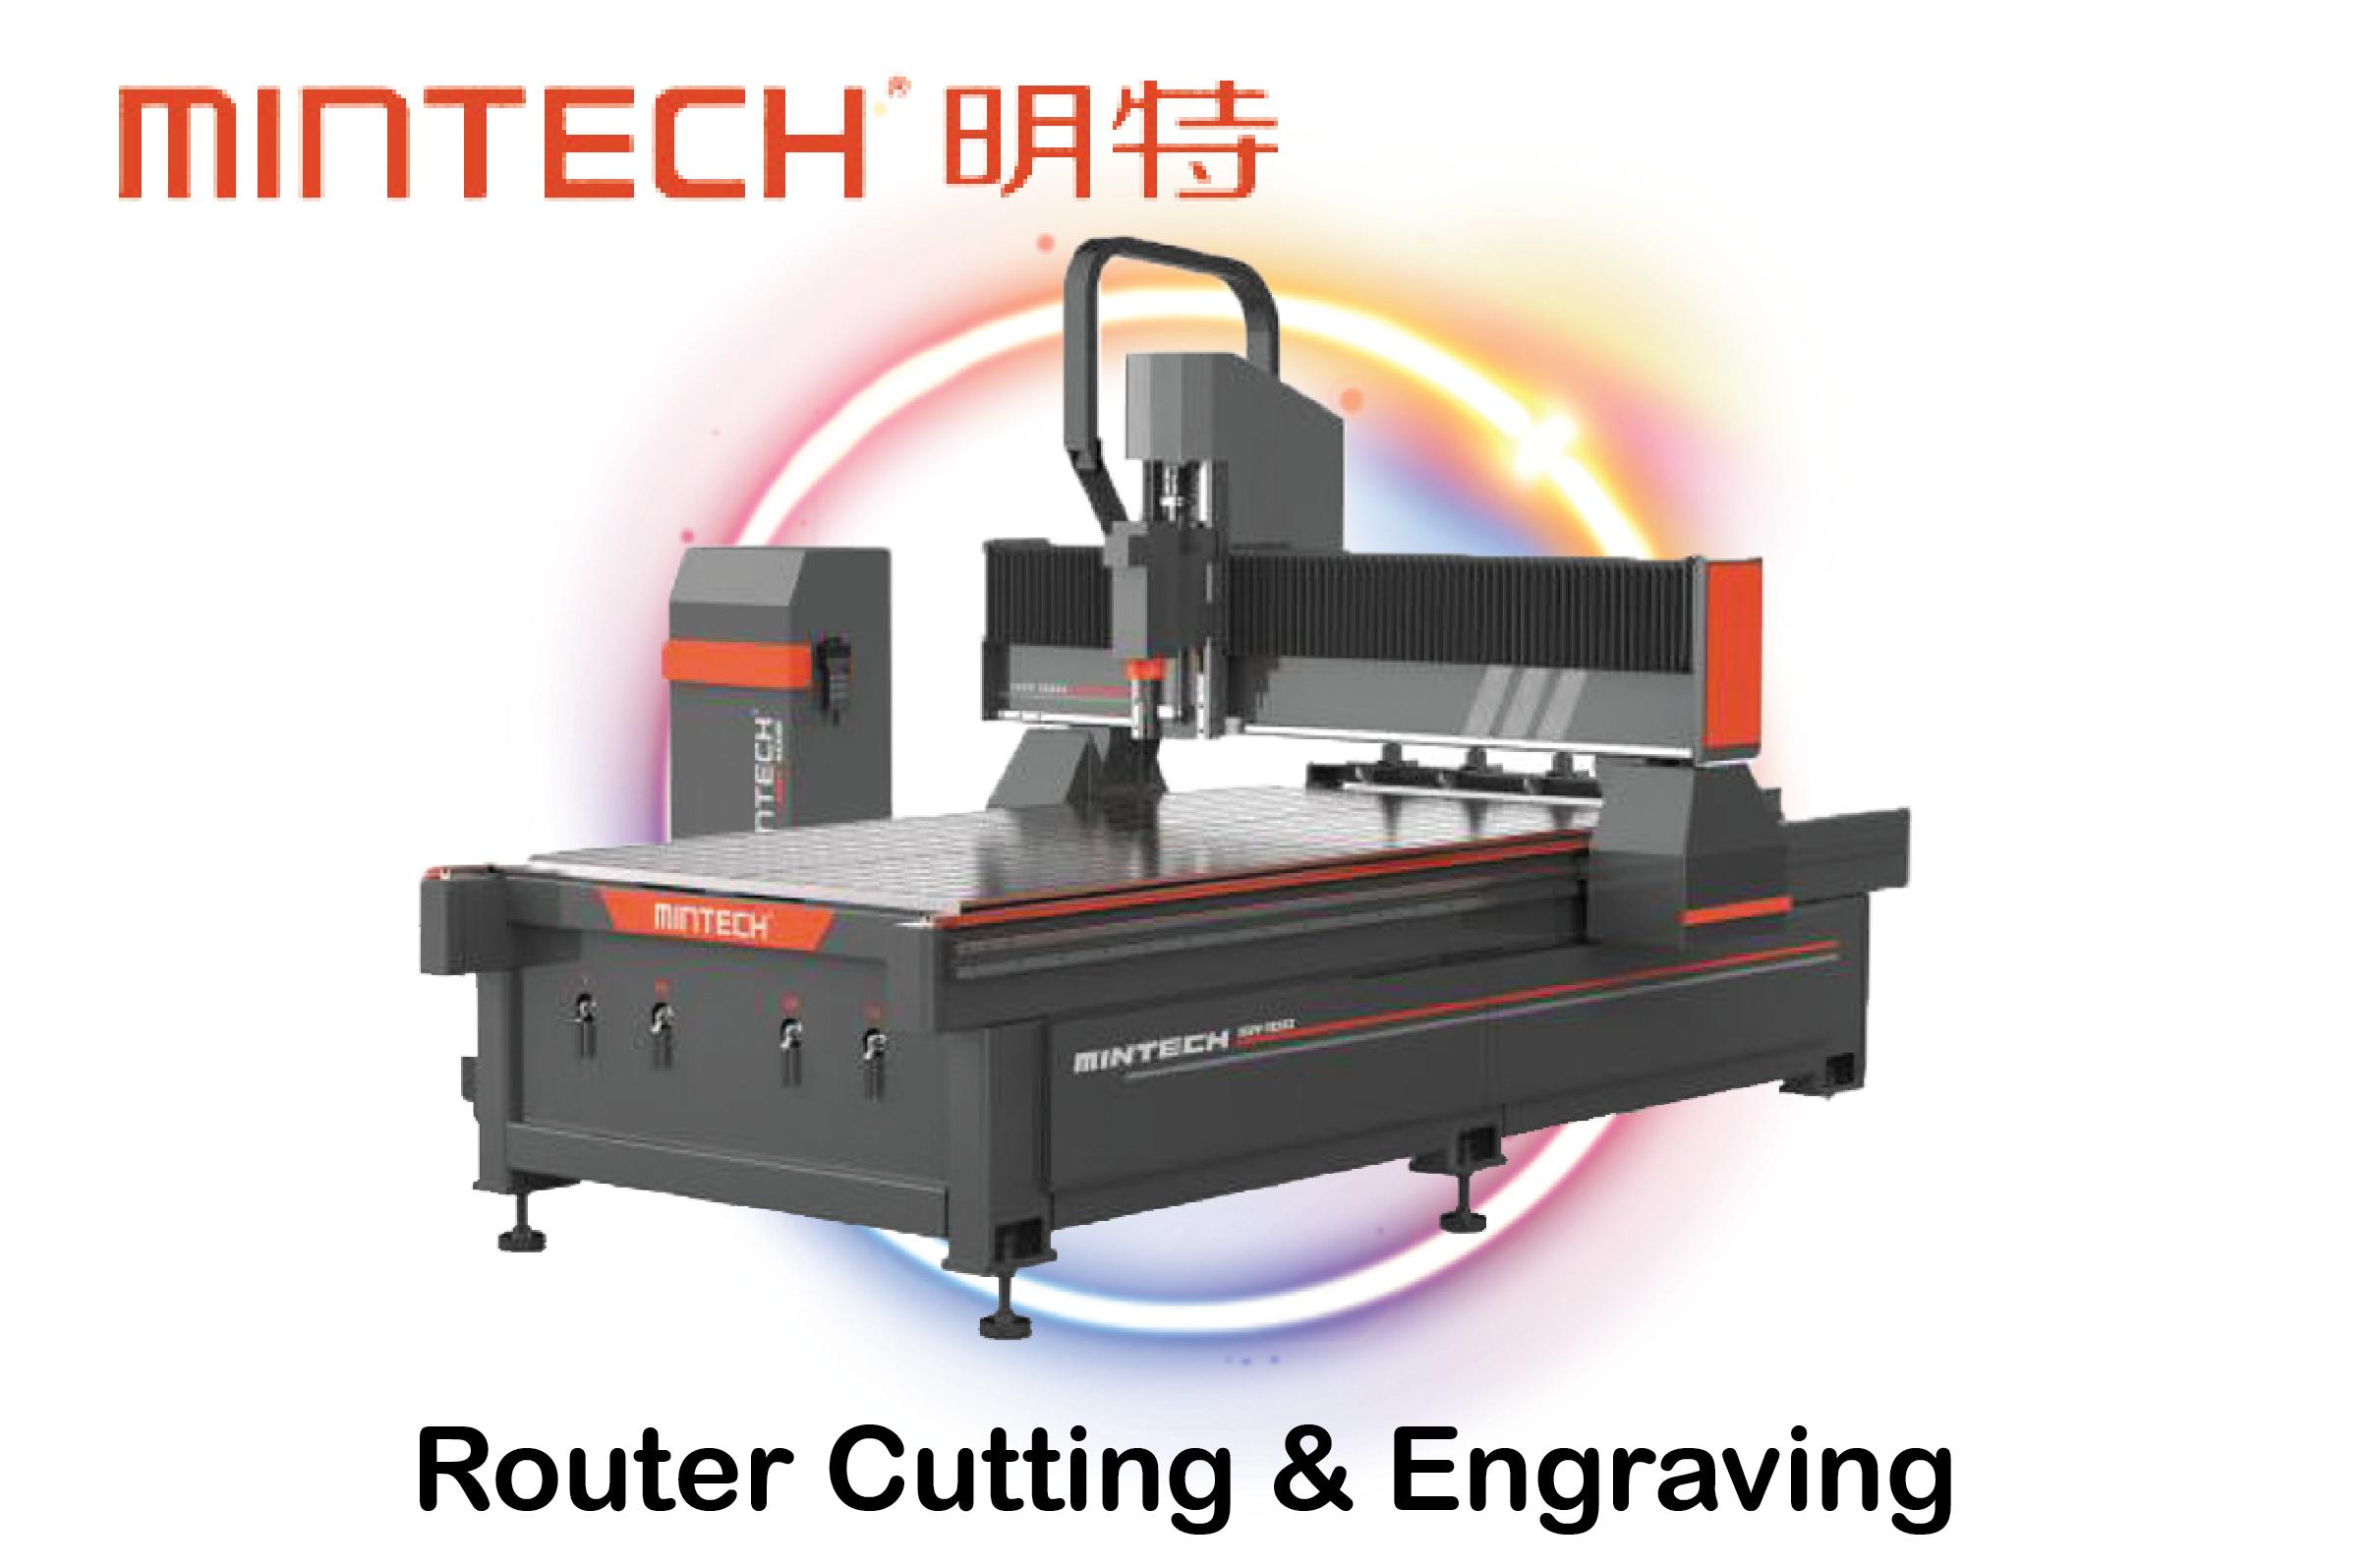 MINTECH T6 CNC ROUTER